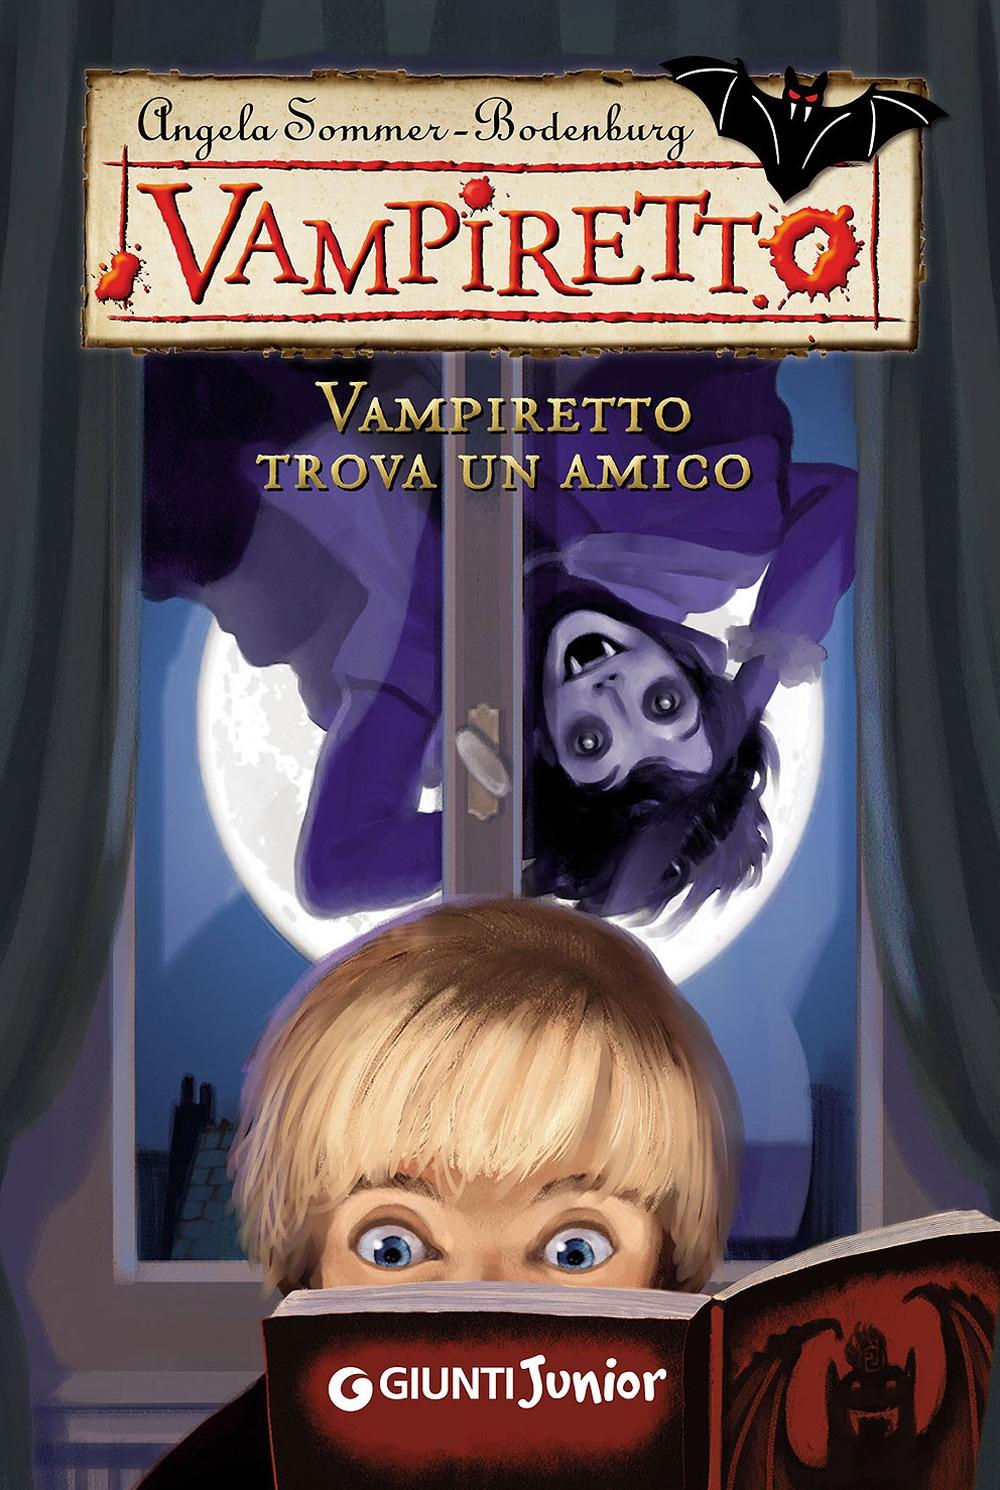 Vampiretto trova un amico.